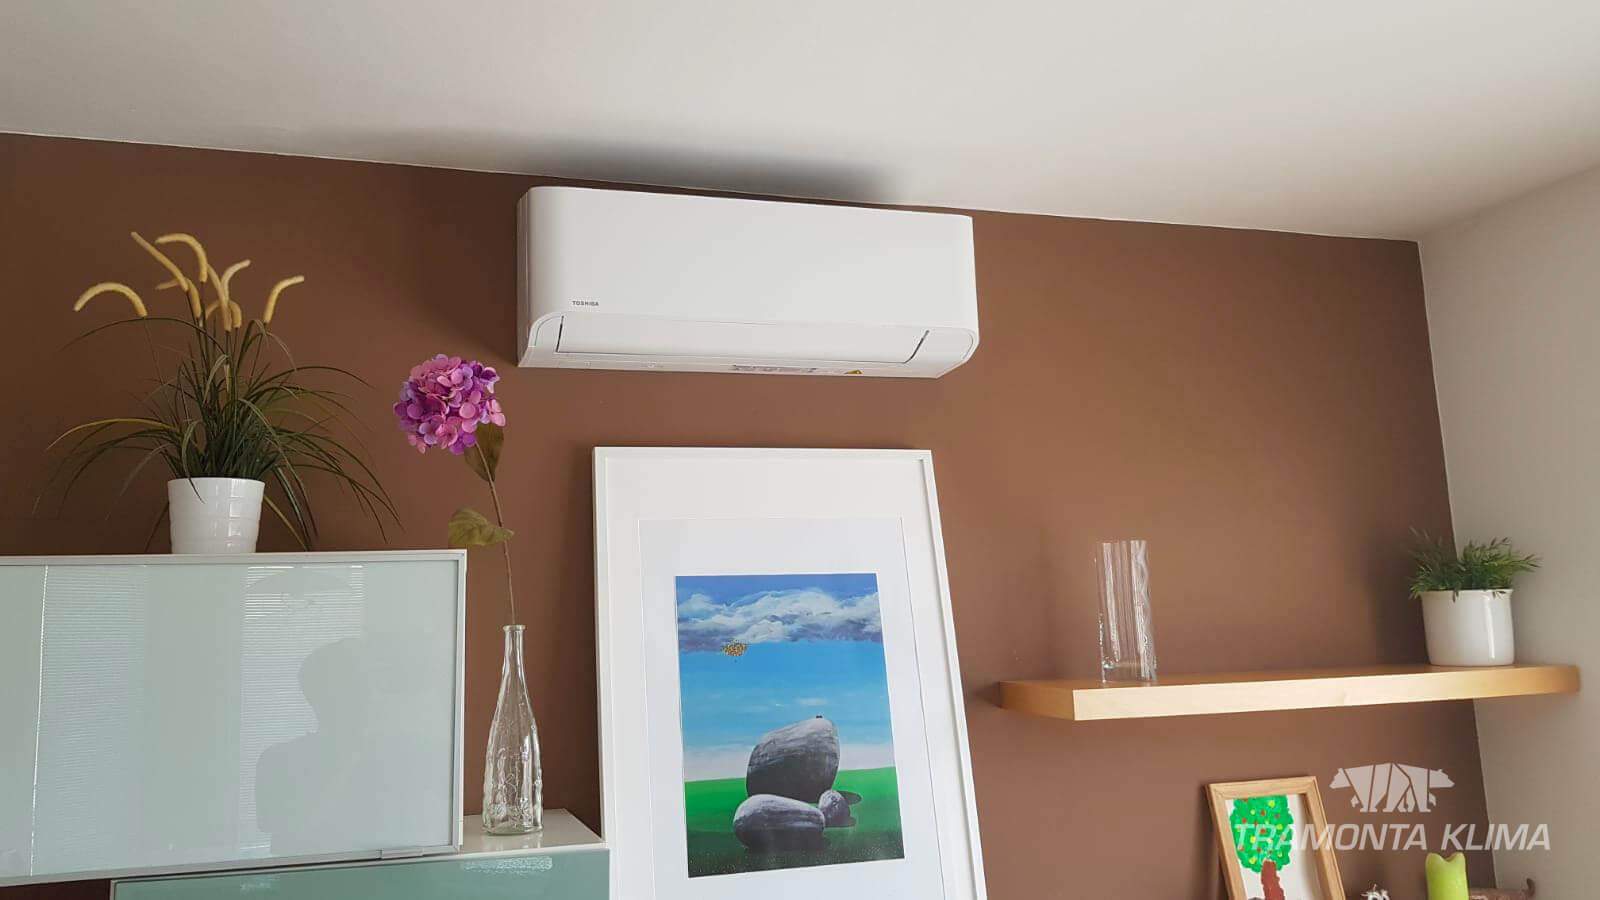 Tipy na výběr klimatizace a dodavatele